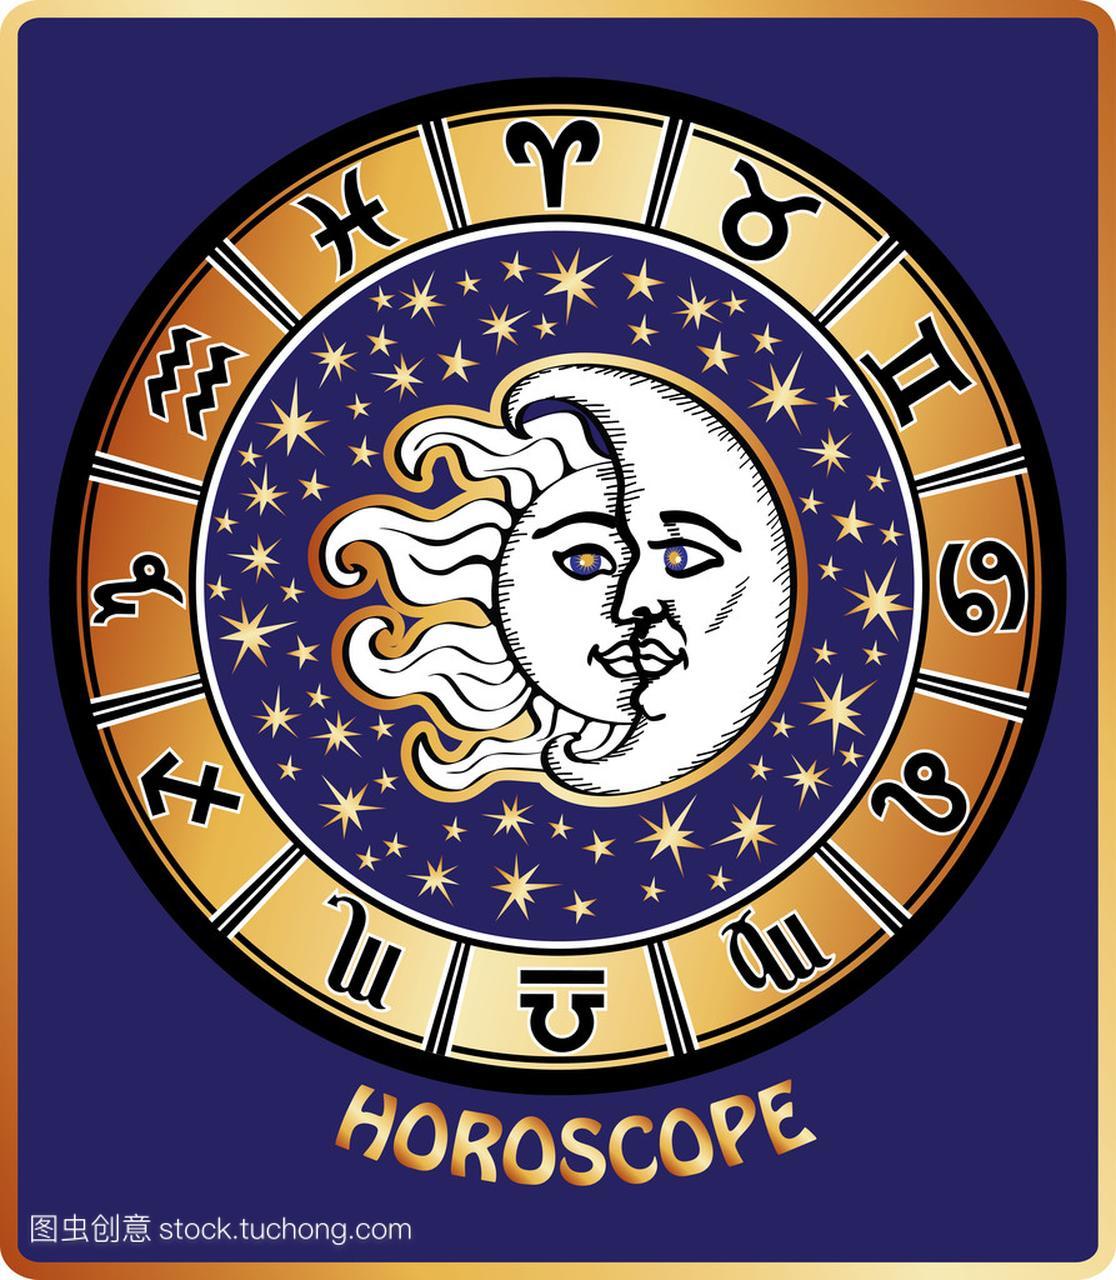 所有的黄道十二宫星座运势 circle.sun 和 moon